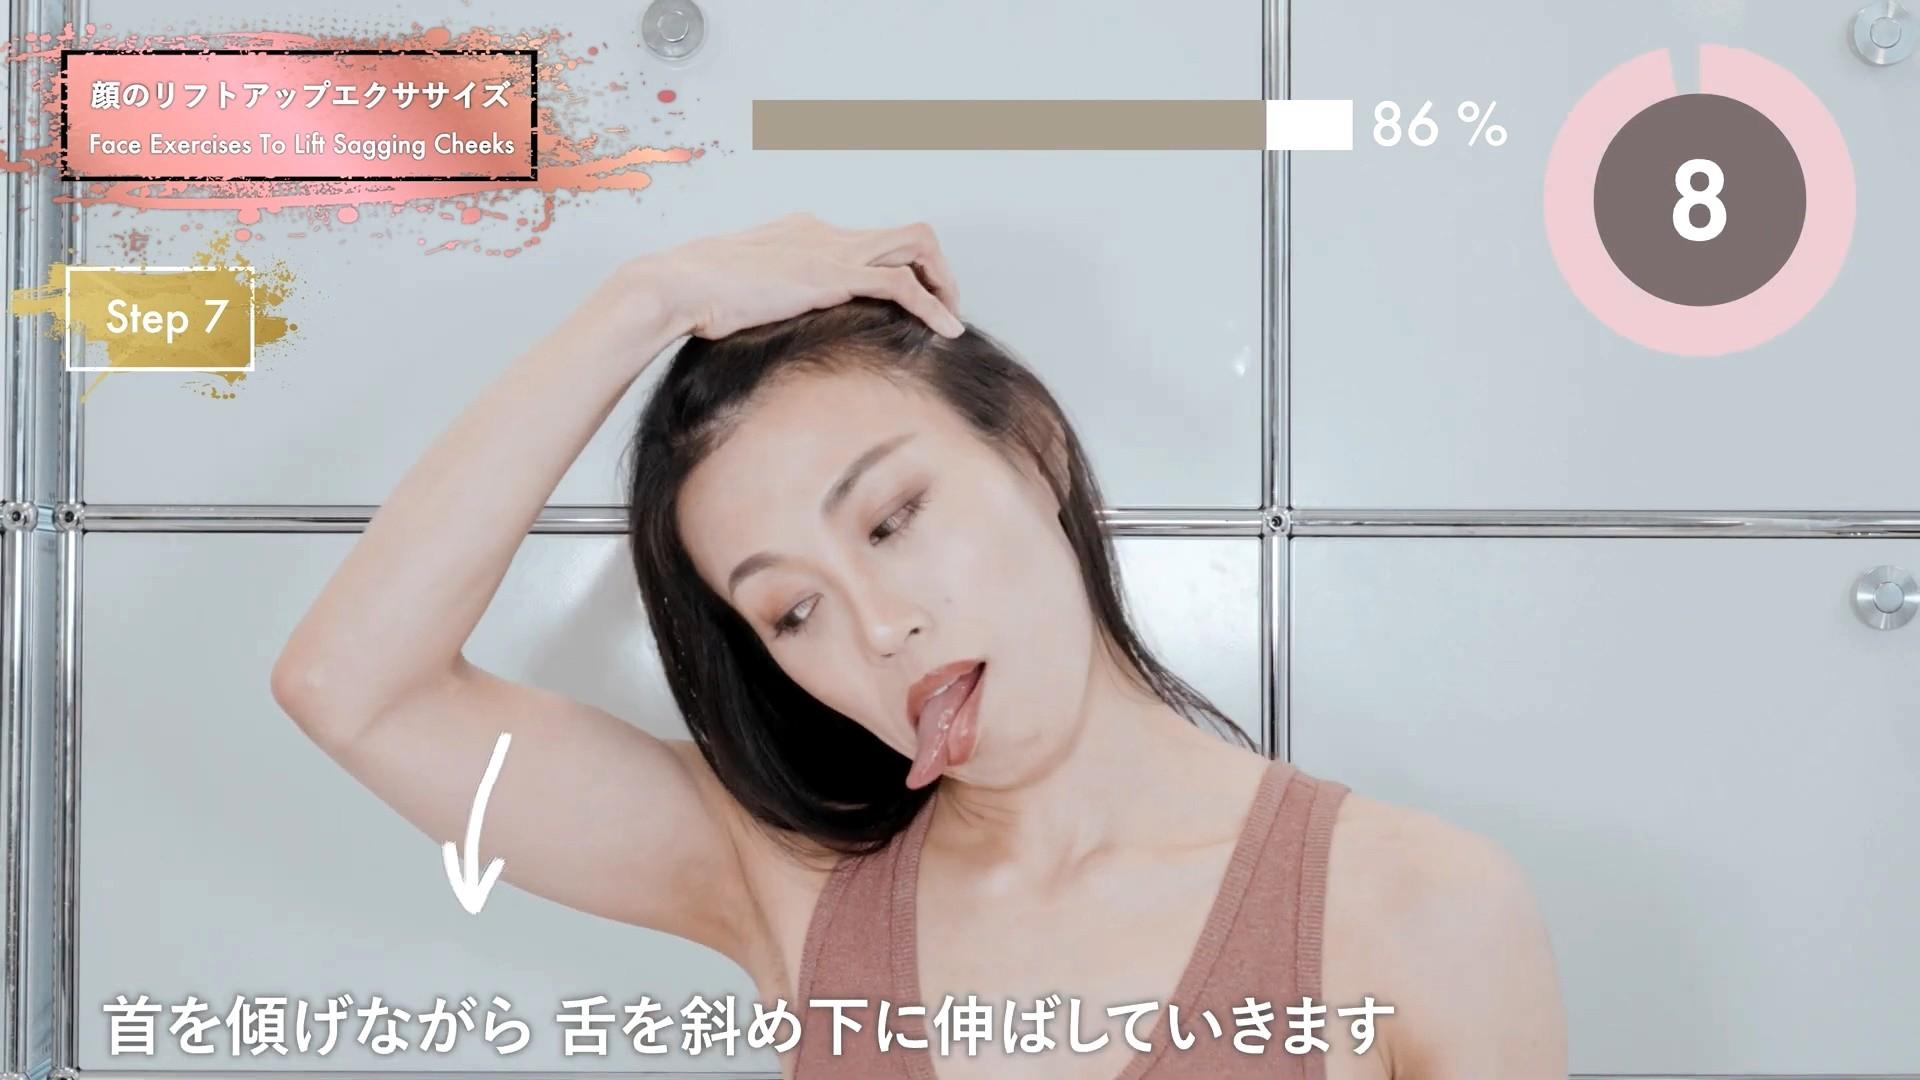 四十路美魔女の腋見せ舌トレ (10)